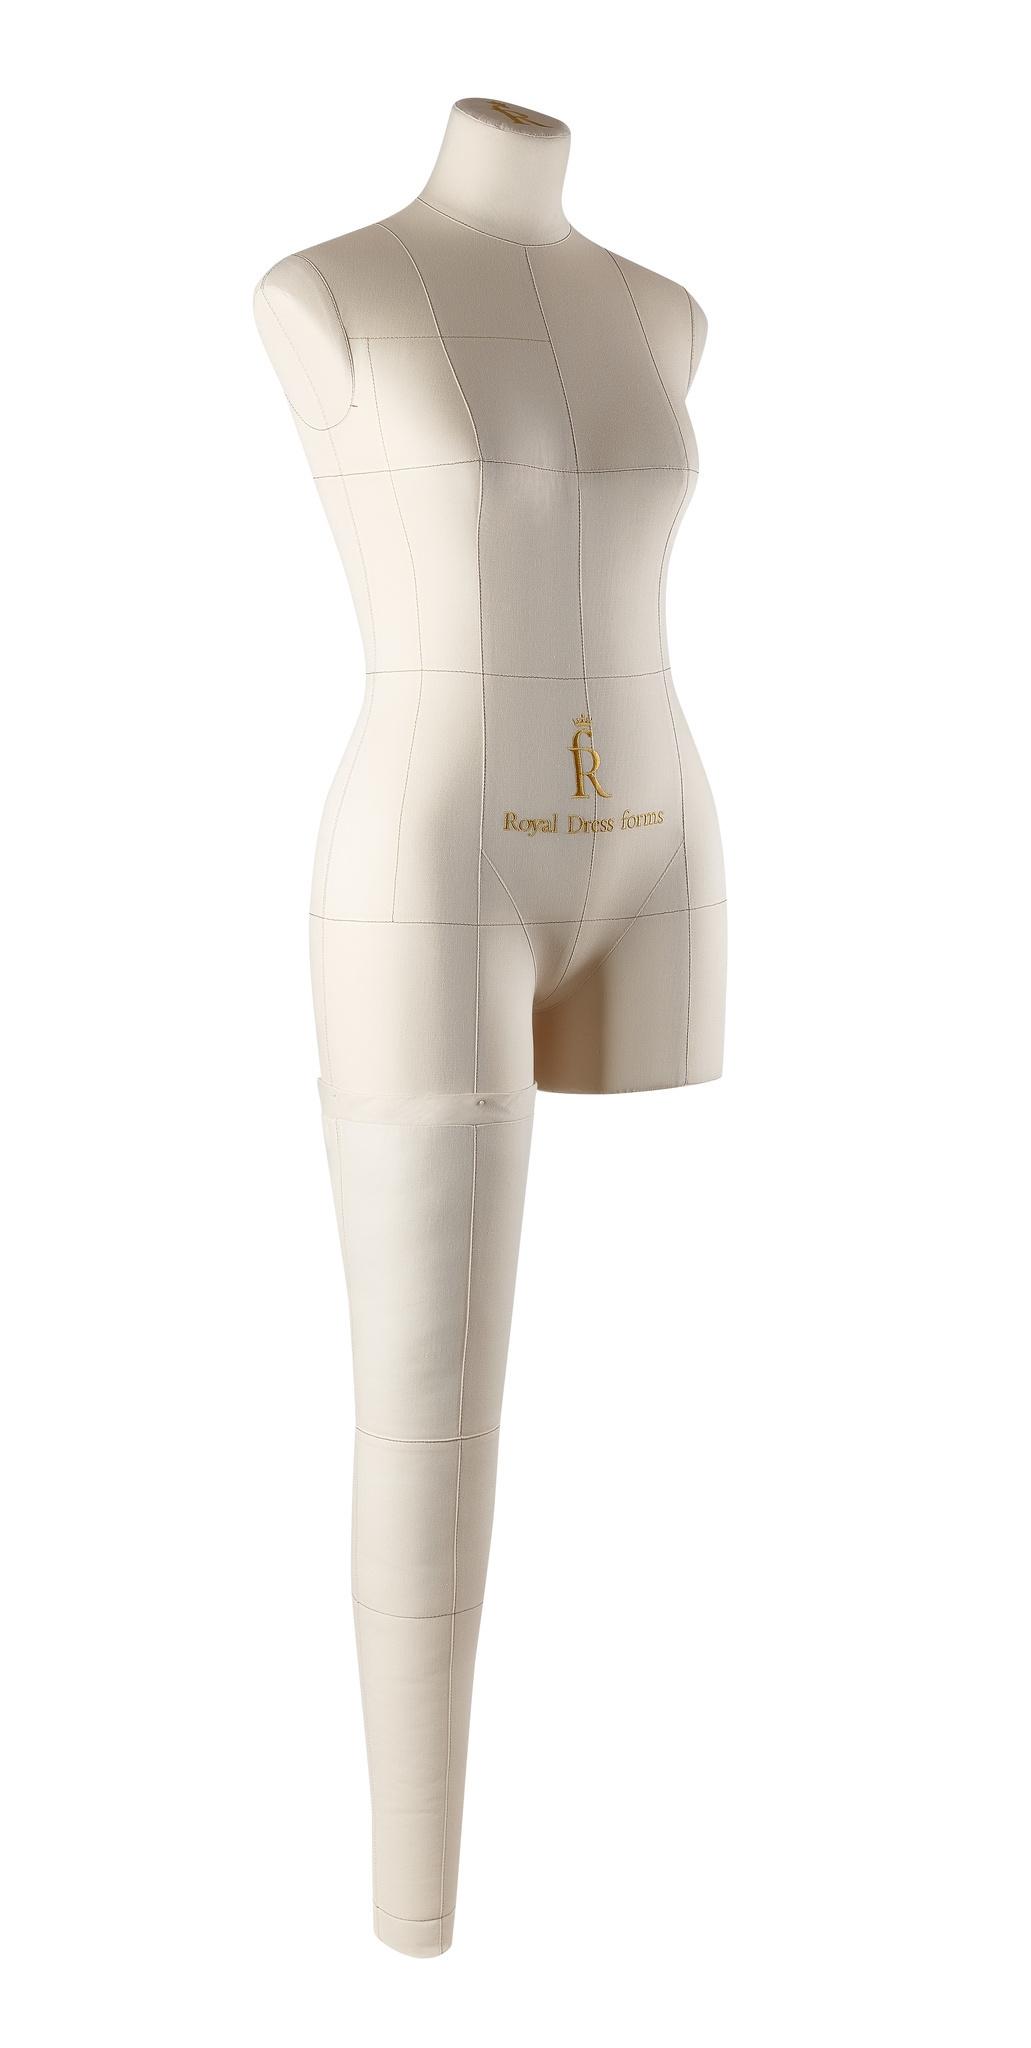 Нога для манекена Моника, размер 44 тип фигуры Песочные часы, БежеваяФото 2